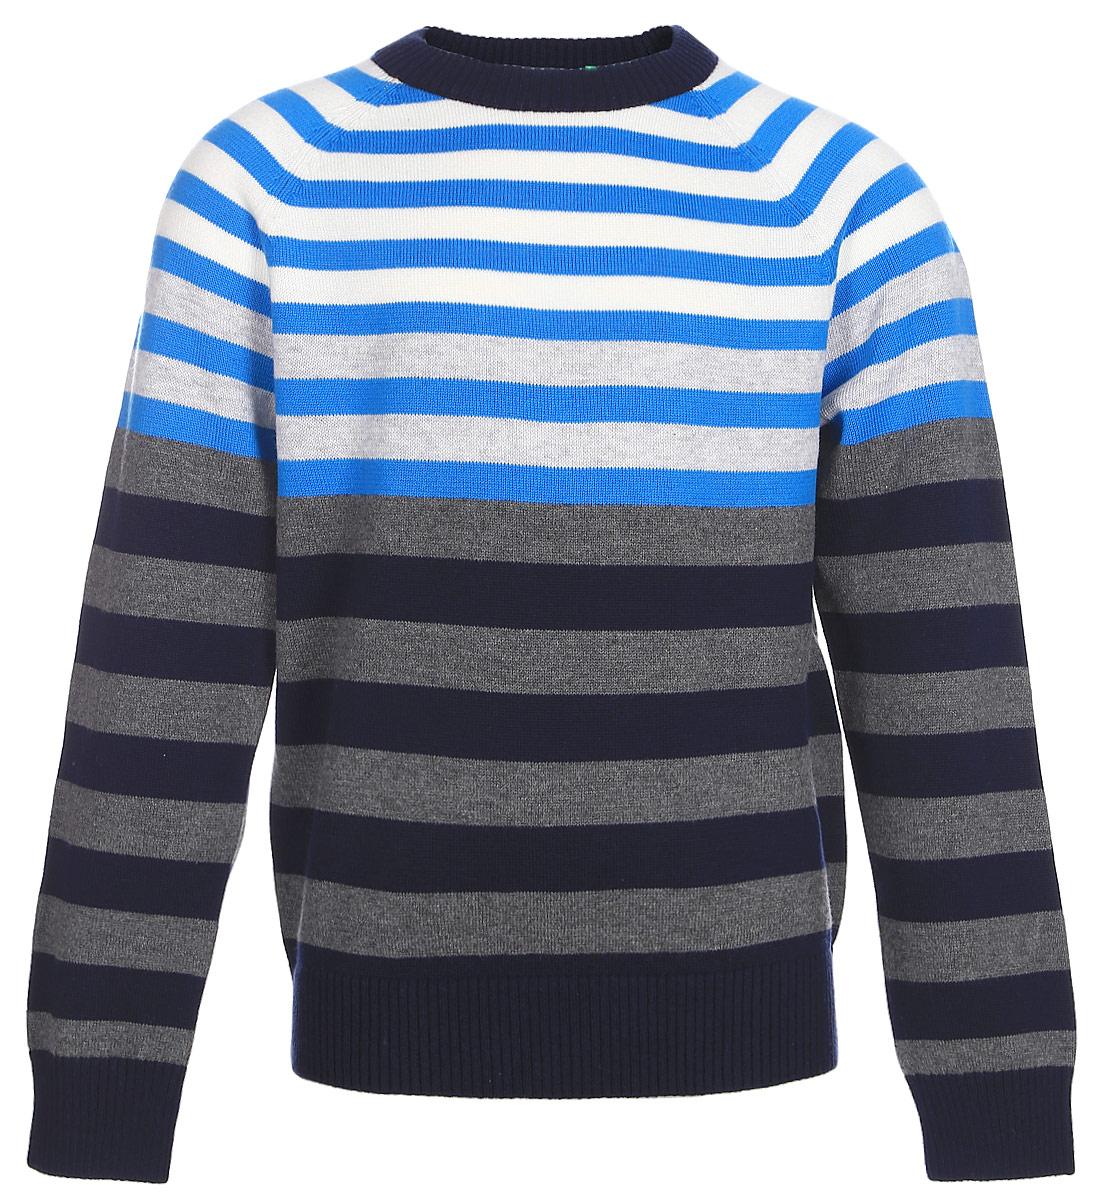 Джемпер для мальчика Sela, цвет: синий. JR-714/172-7310. Размер 104JR-714/172-7310Стильный джемпер для мальчика Sela поможет создать модный образ и станет отличным дополнением повседневного гардероба. Модель прямого кроя с длинными рукавами-реглан изготовлена из натурального хлопкового трикотажа мелкой вязки в полоску. Круглый вырез горловины, манжеты рукавов и низ изделия связаны резинкой. Модель подойдет для прогулок и дружеских встреч и будет отлично сочетаться с джинсами и брюками.